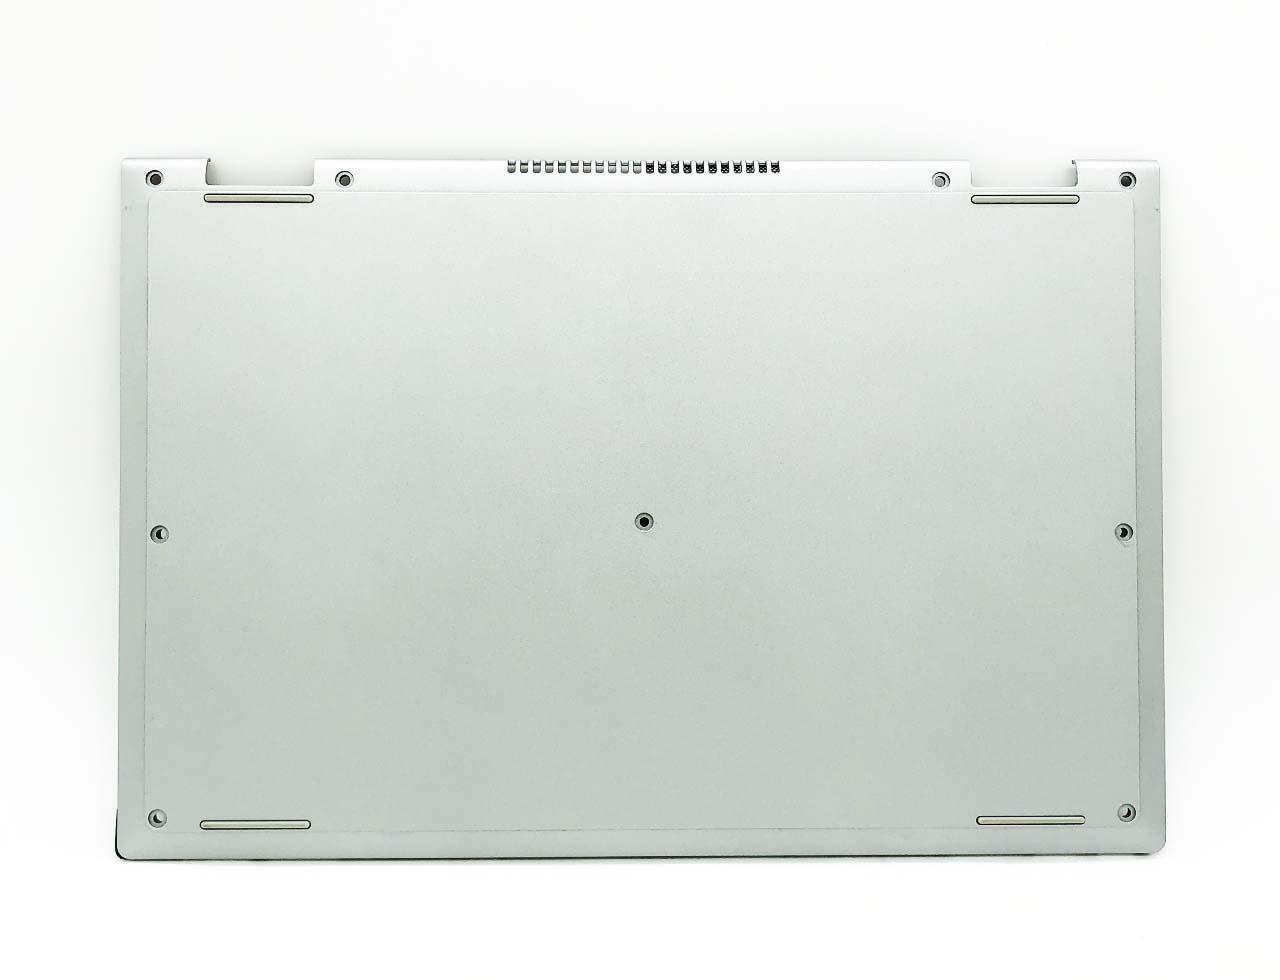 戴尔Dell Inspiron 11 3000 3147 3138 3148 3157 P20T底壳 D壳 DP/N 0D1WVJ D Cover Bottom Base Case